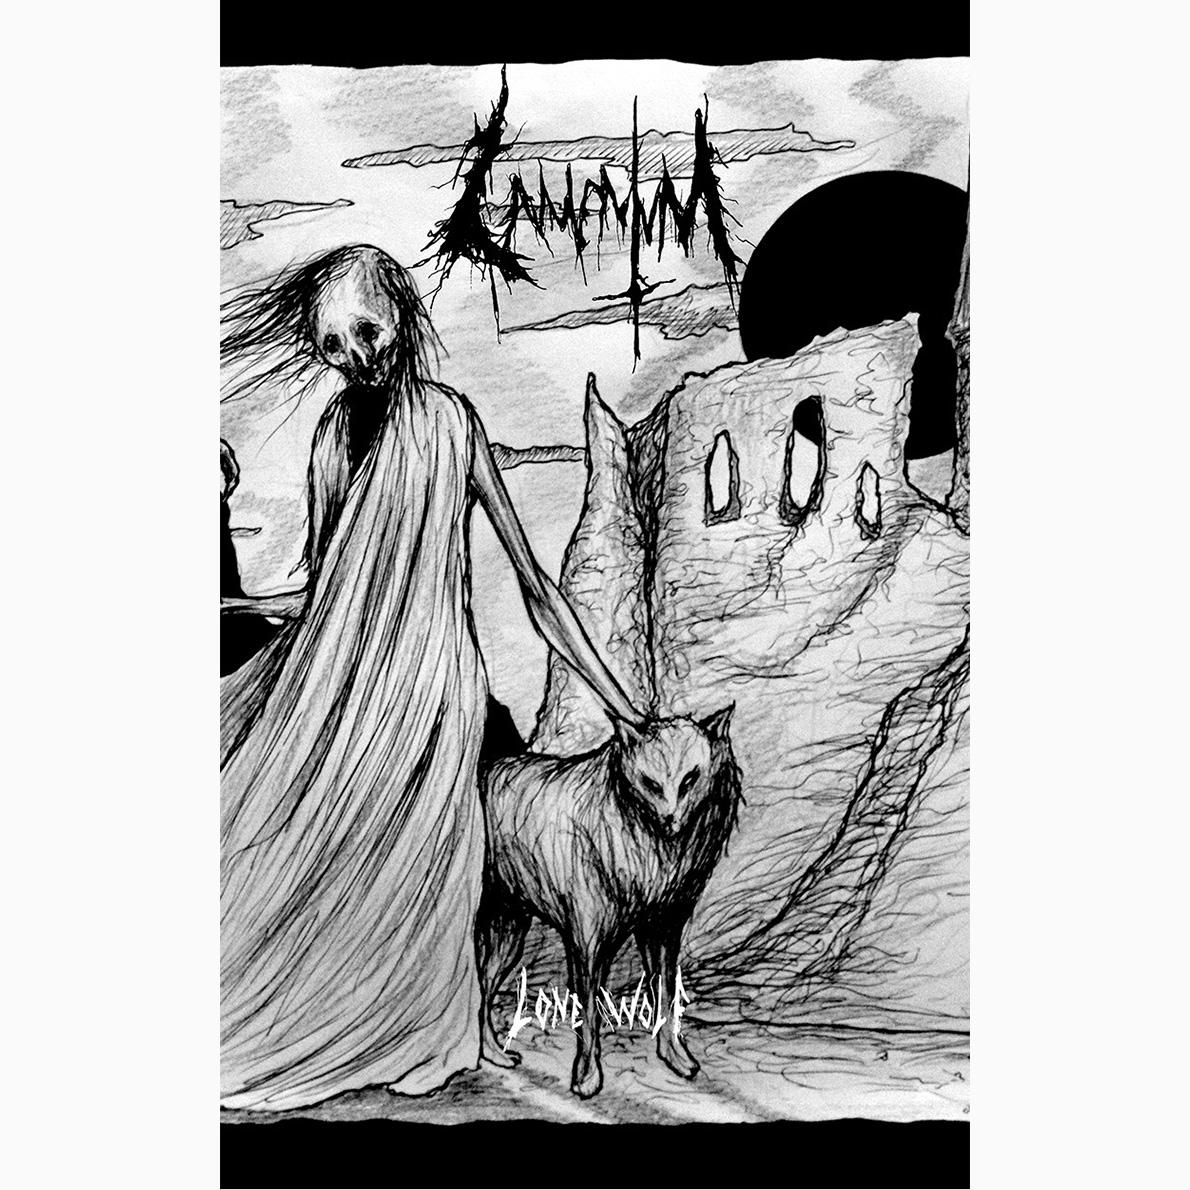 LAMENTUM - Lone Wolf